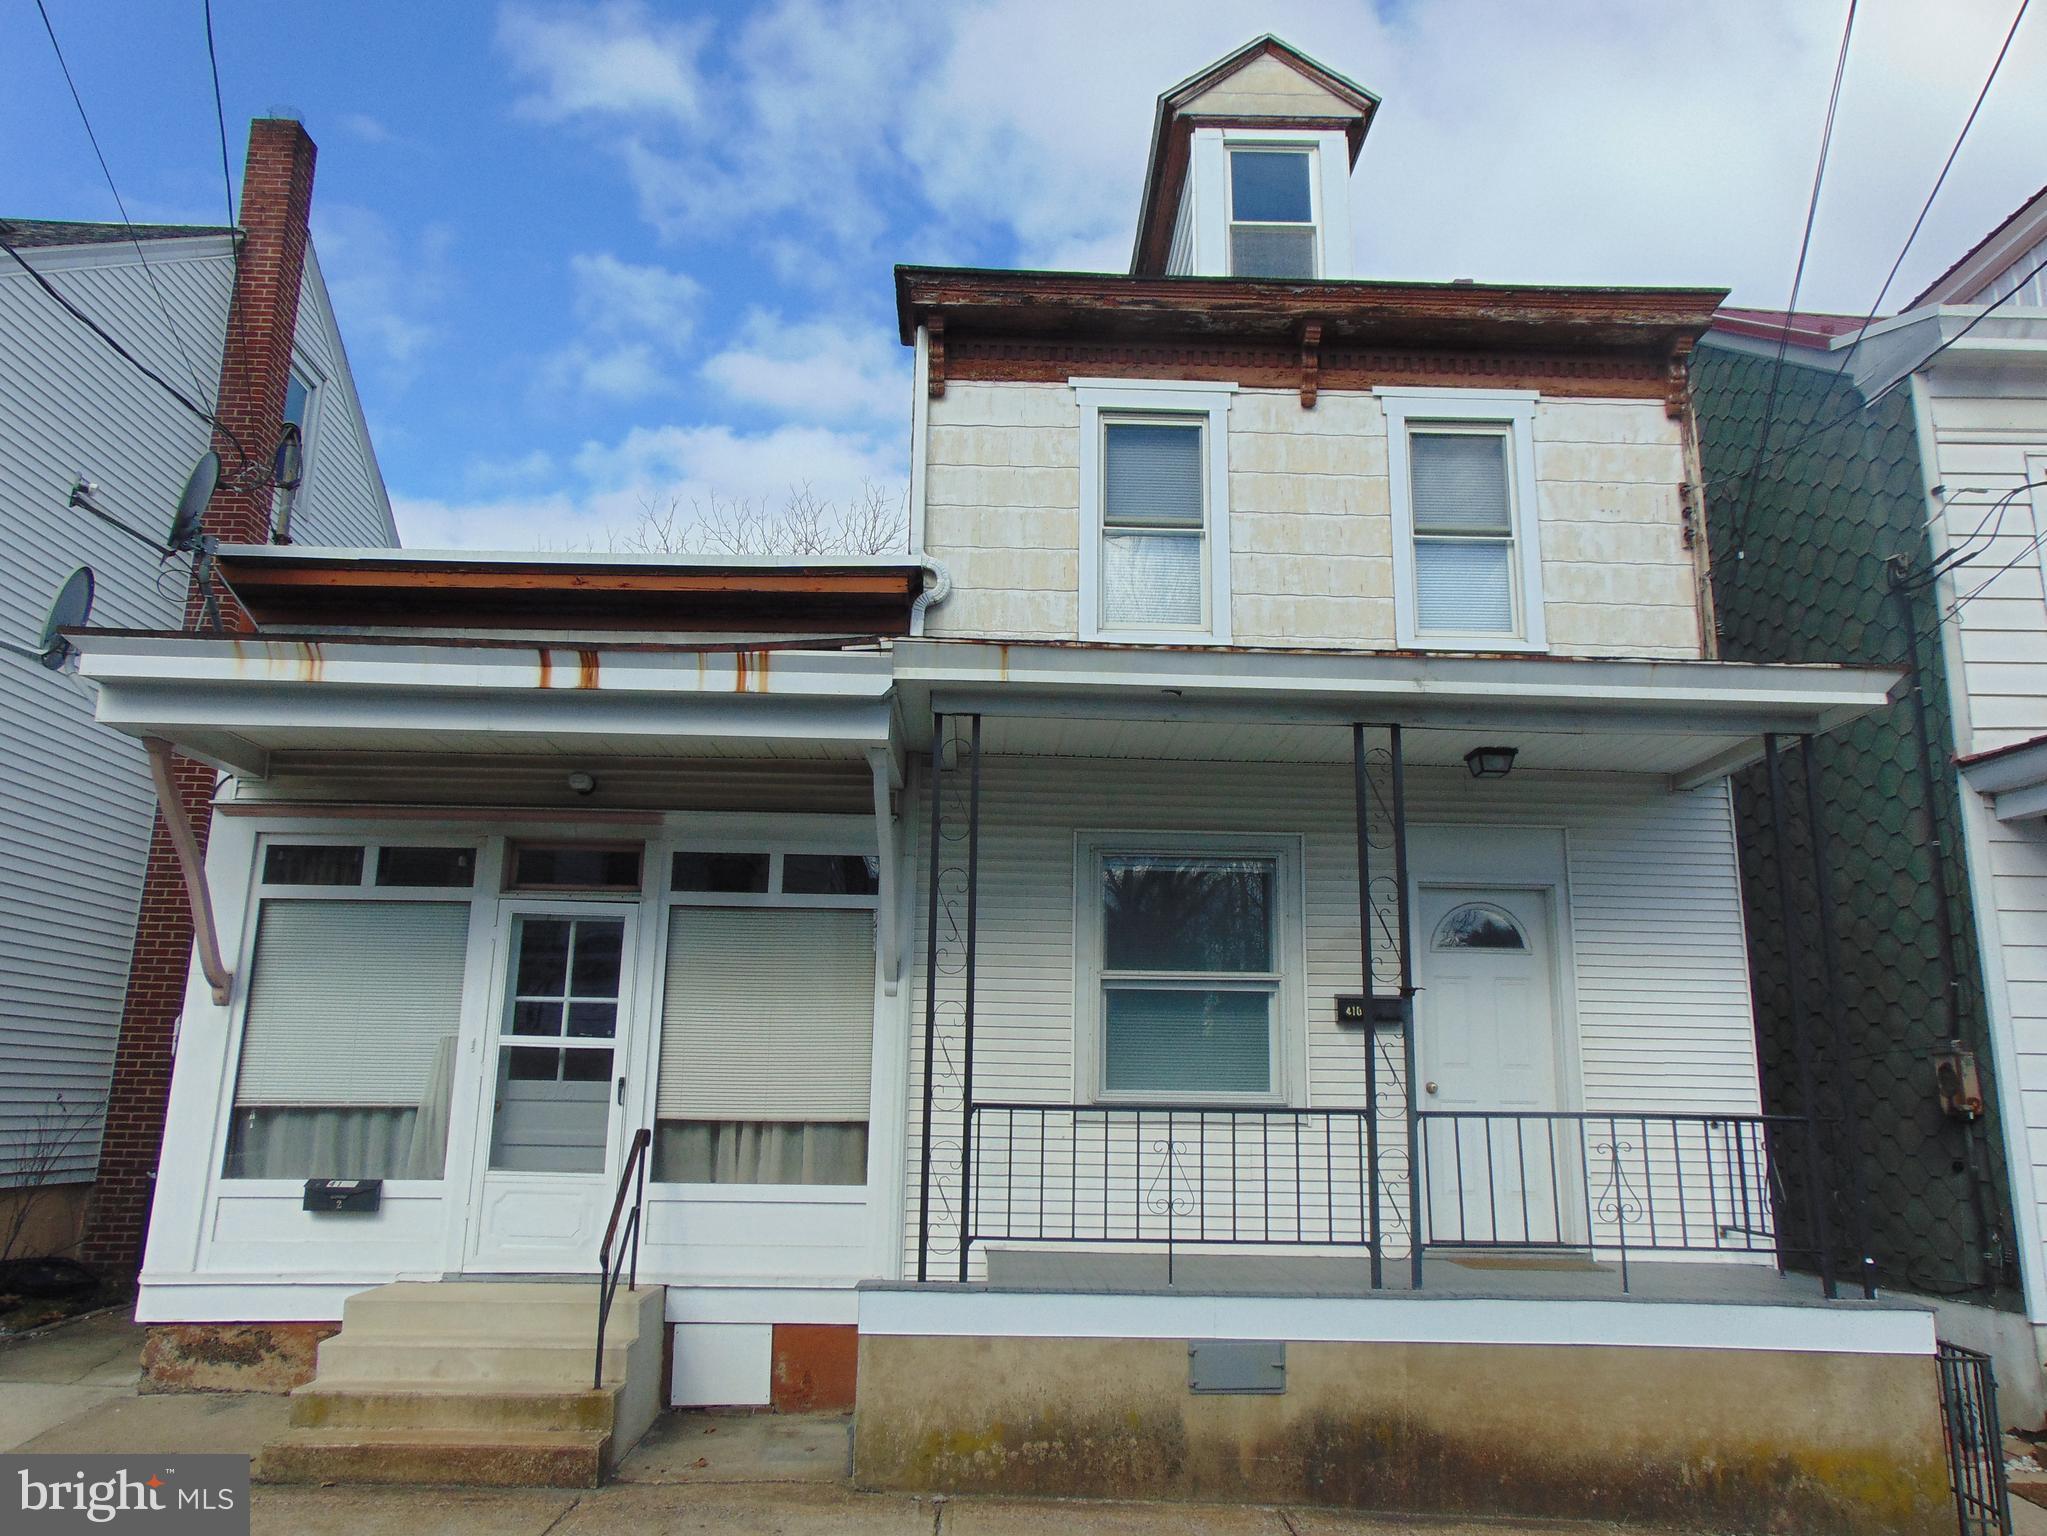 410 PINE HILL ST., MINERSVILLE, PA 17954